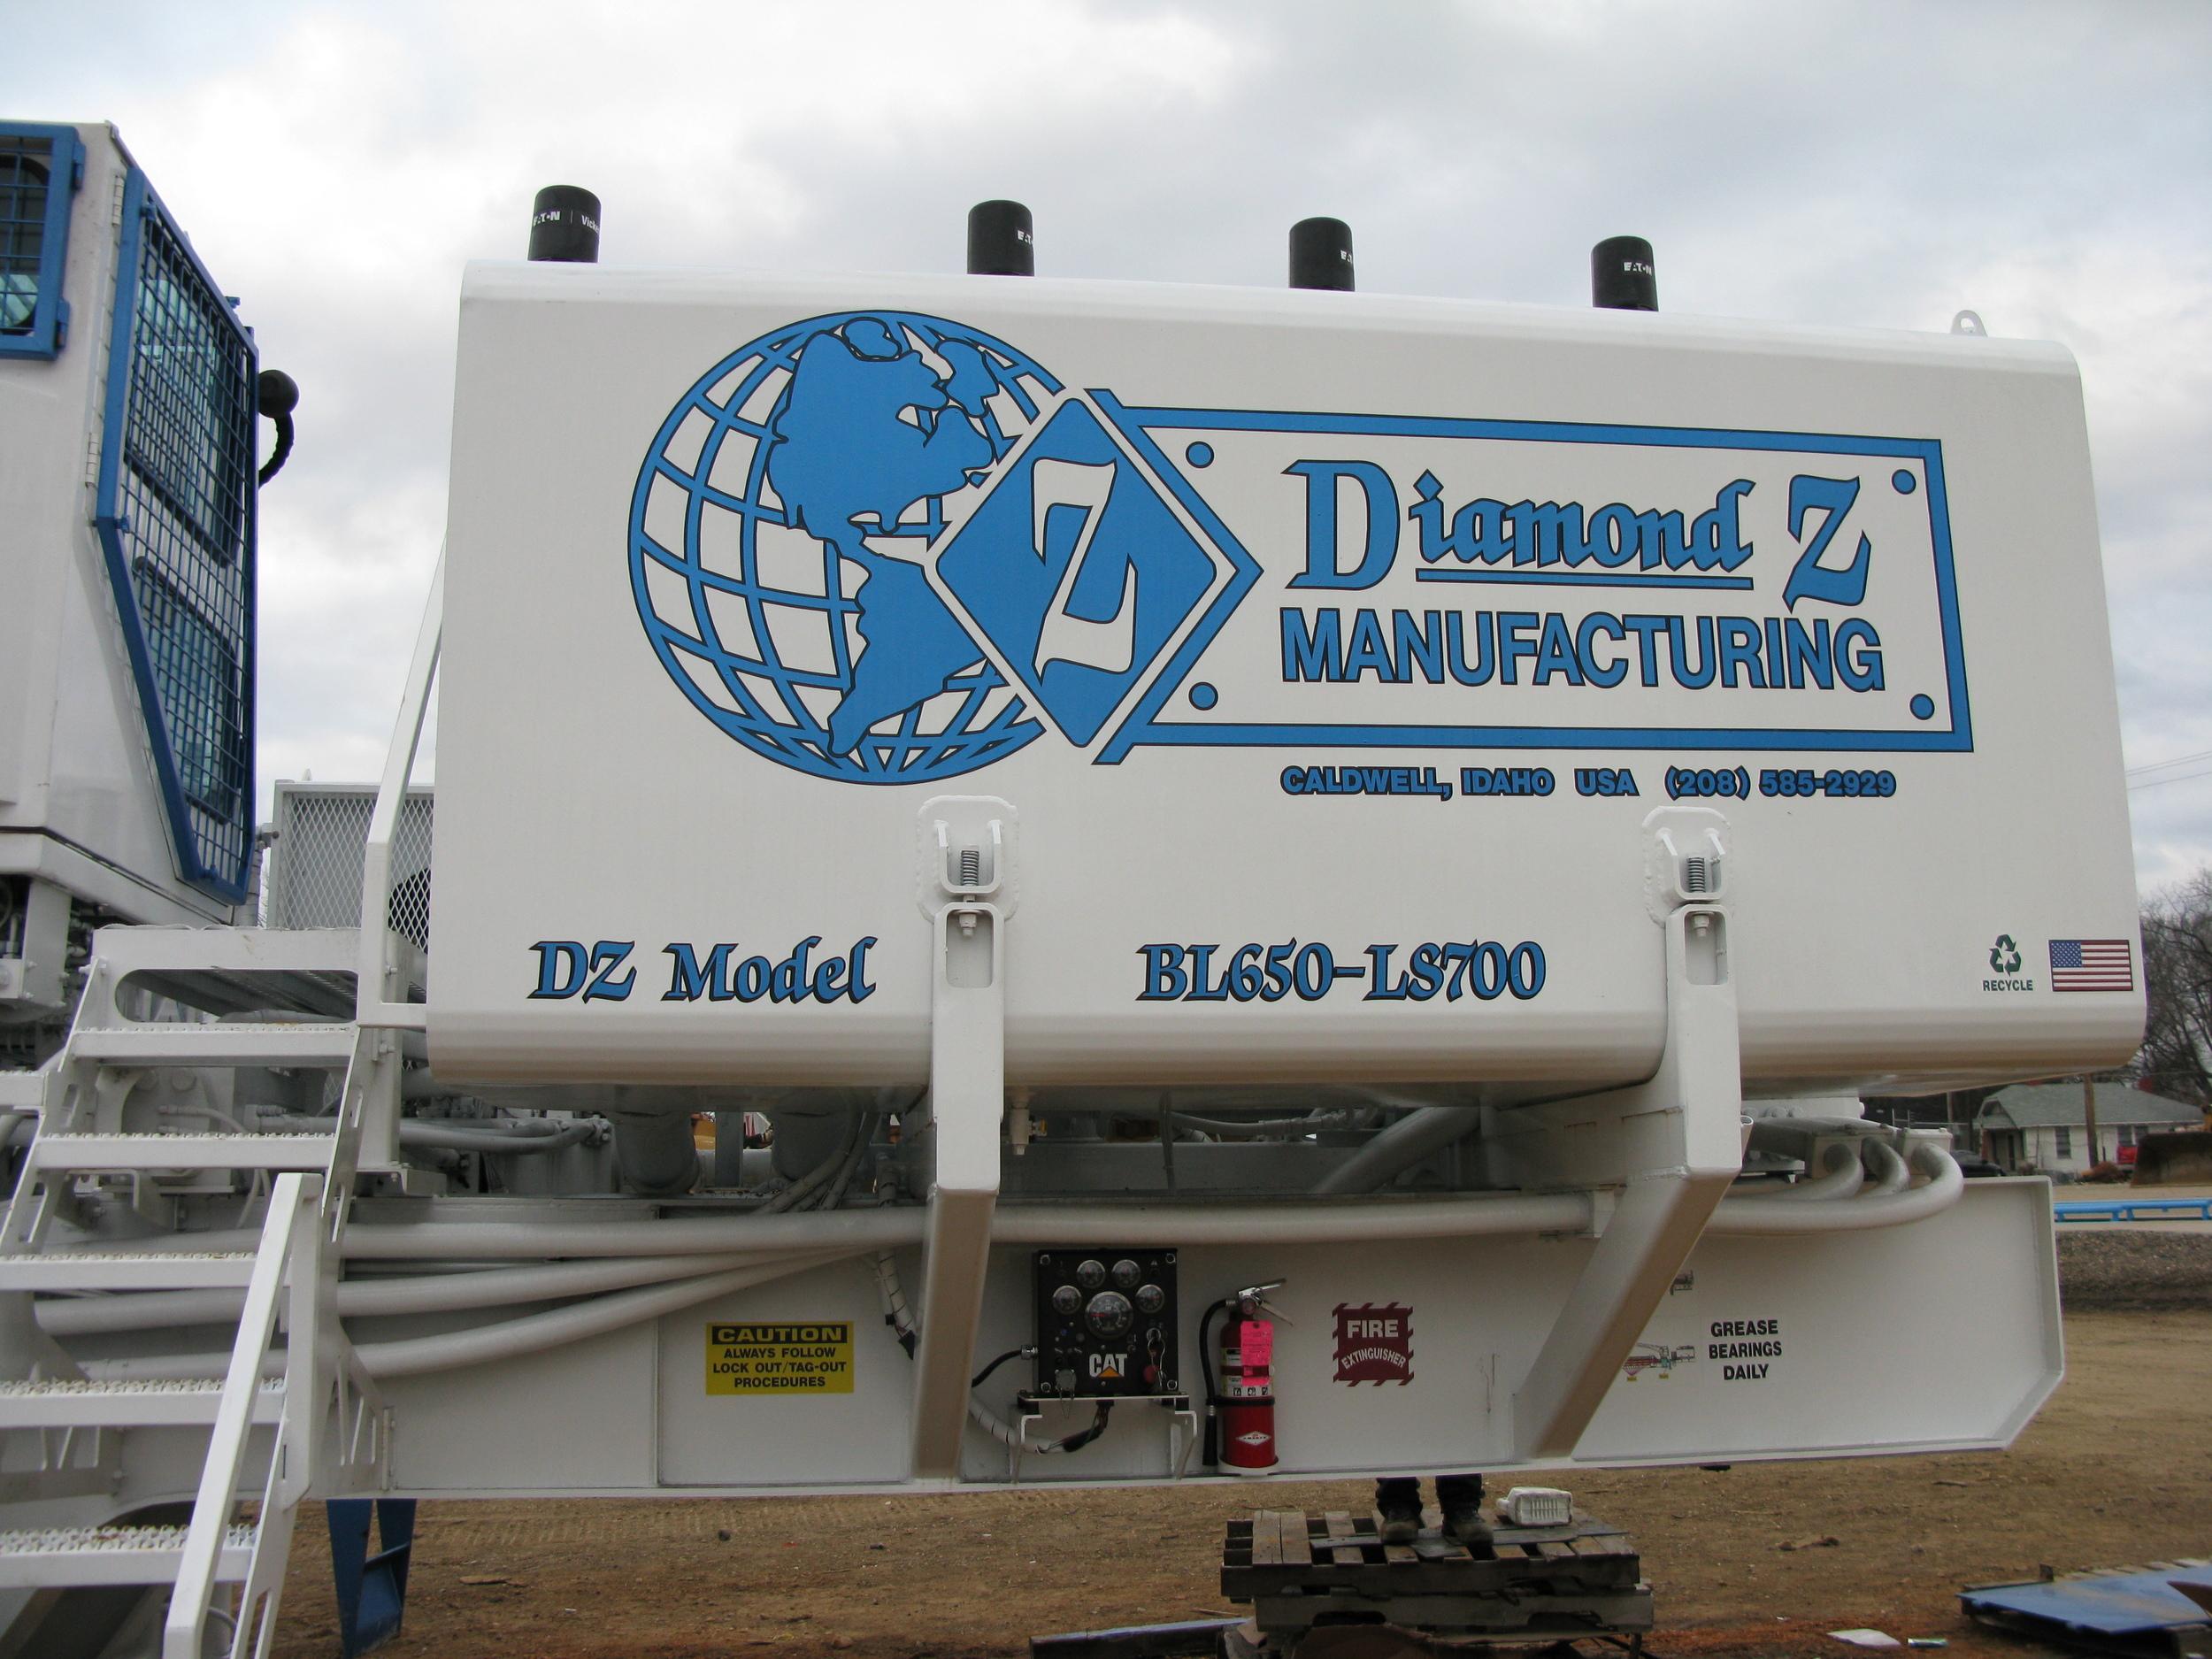 DZ BL650-LS700